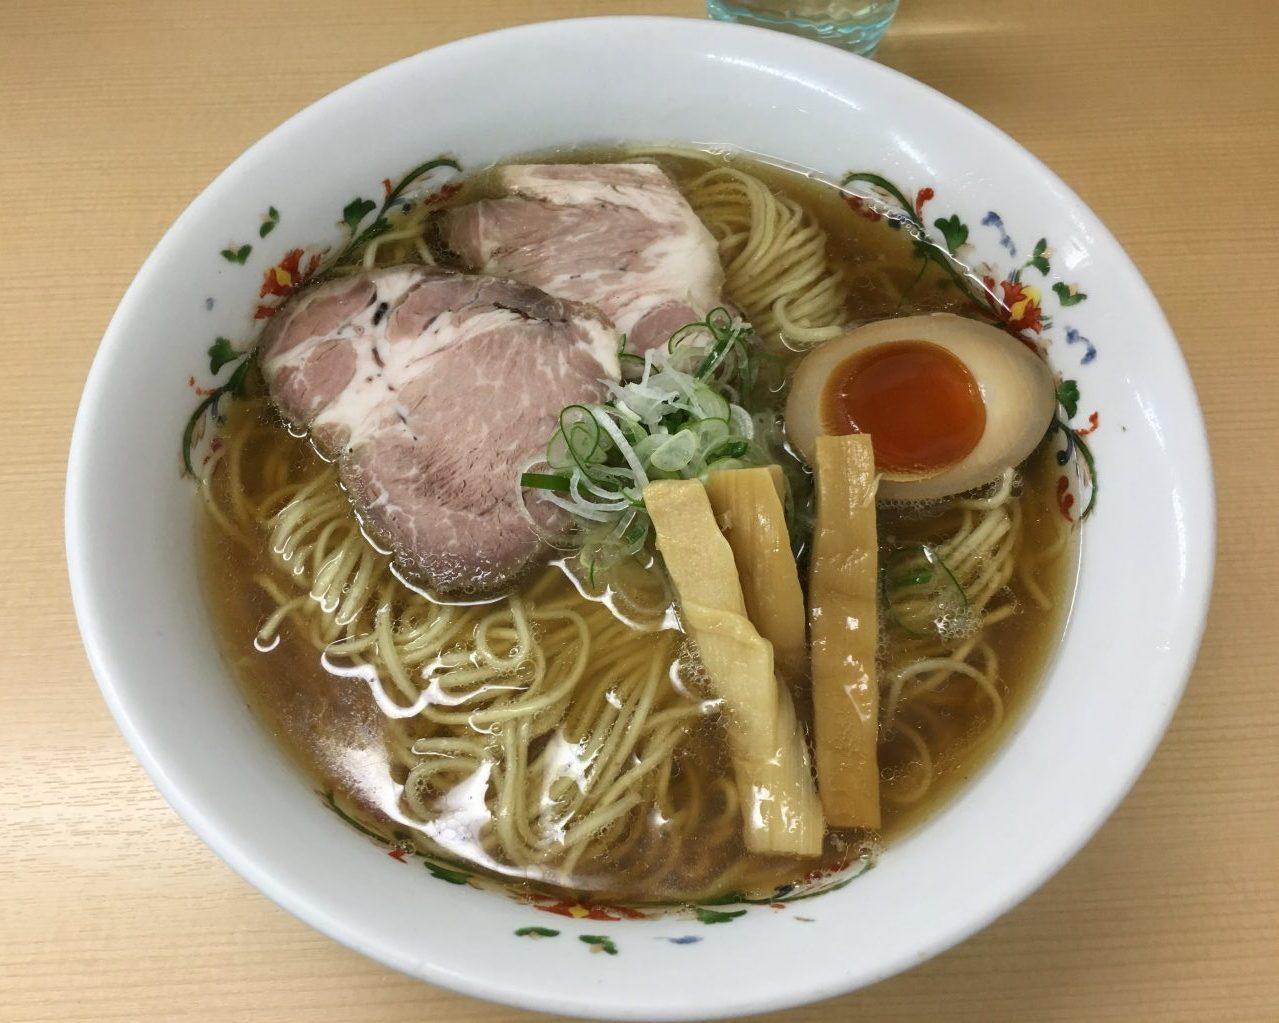 八王子駅北口徒歩8分×ガッツリ煮干しの強い風味と澄んだ醤油スープ「煮干しらーめん 圓」煮干しらーめん